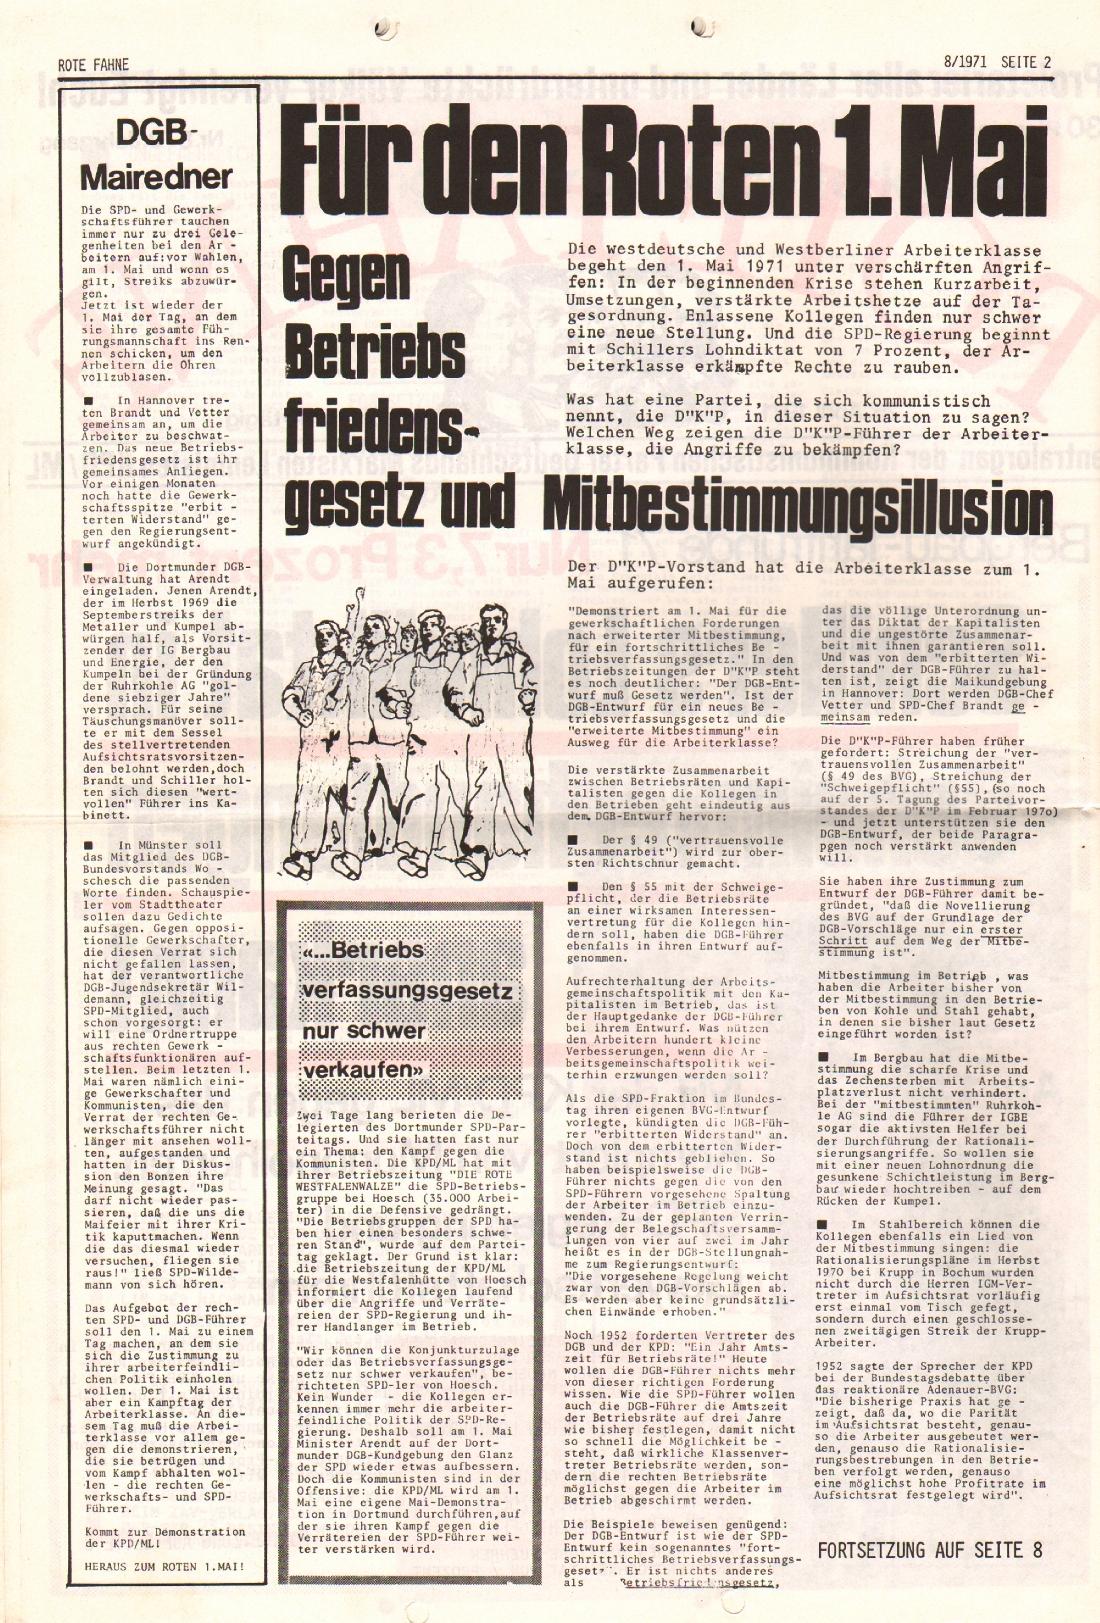 Rote Fahne, 2. Jg., 26.4.1971, Nr. 8, Seite 2